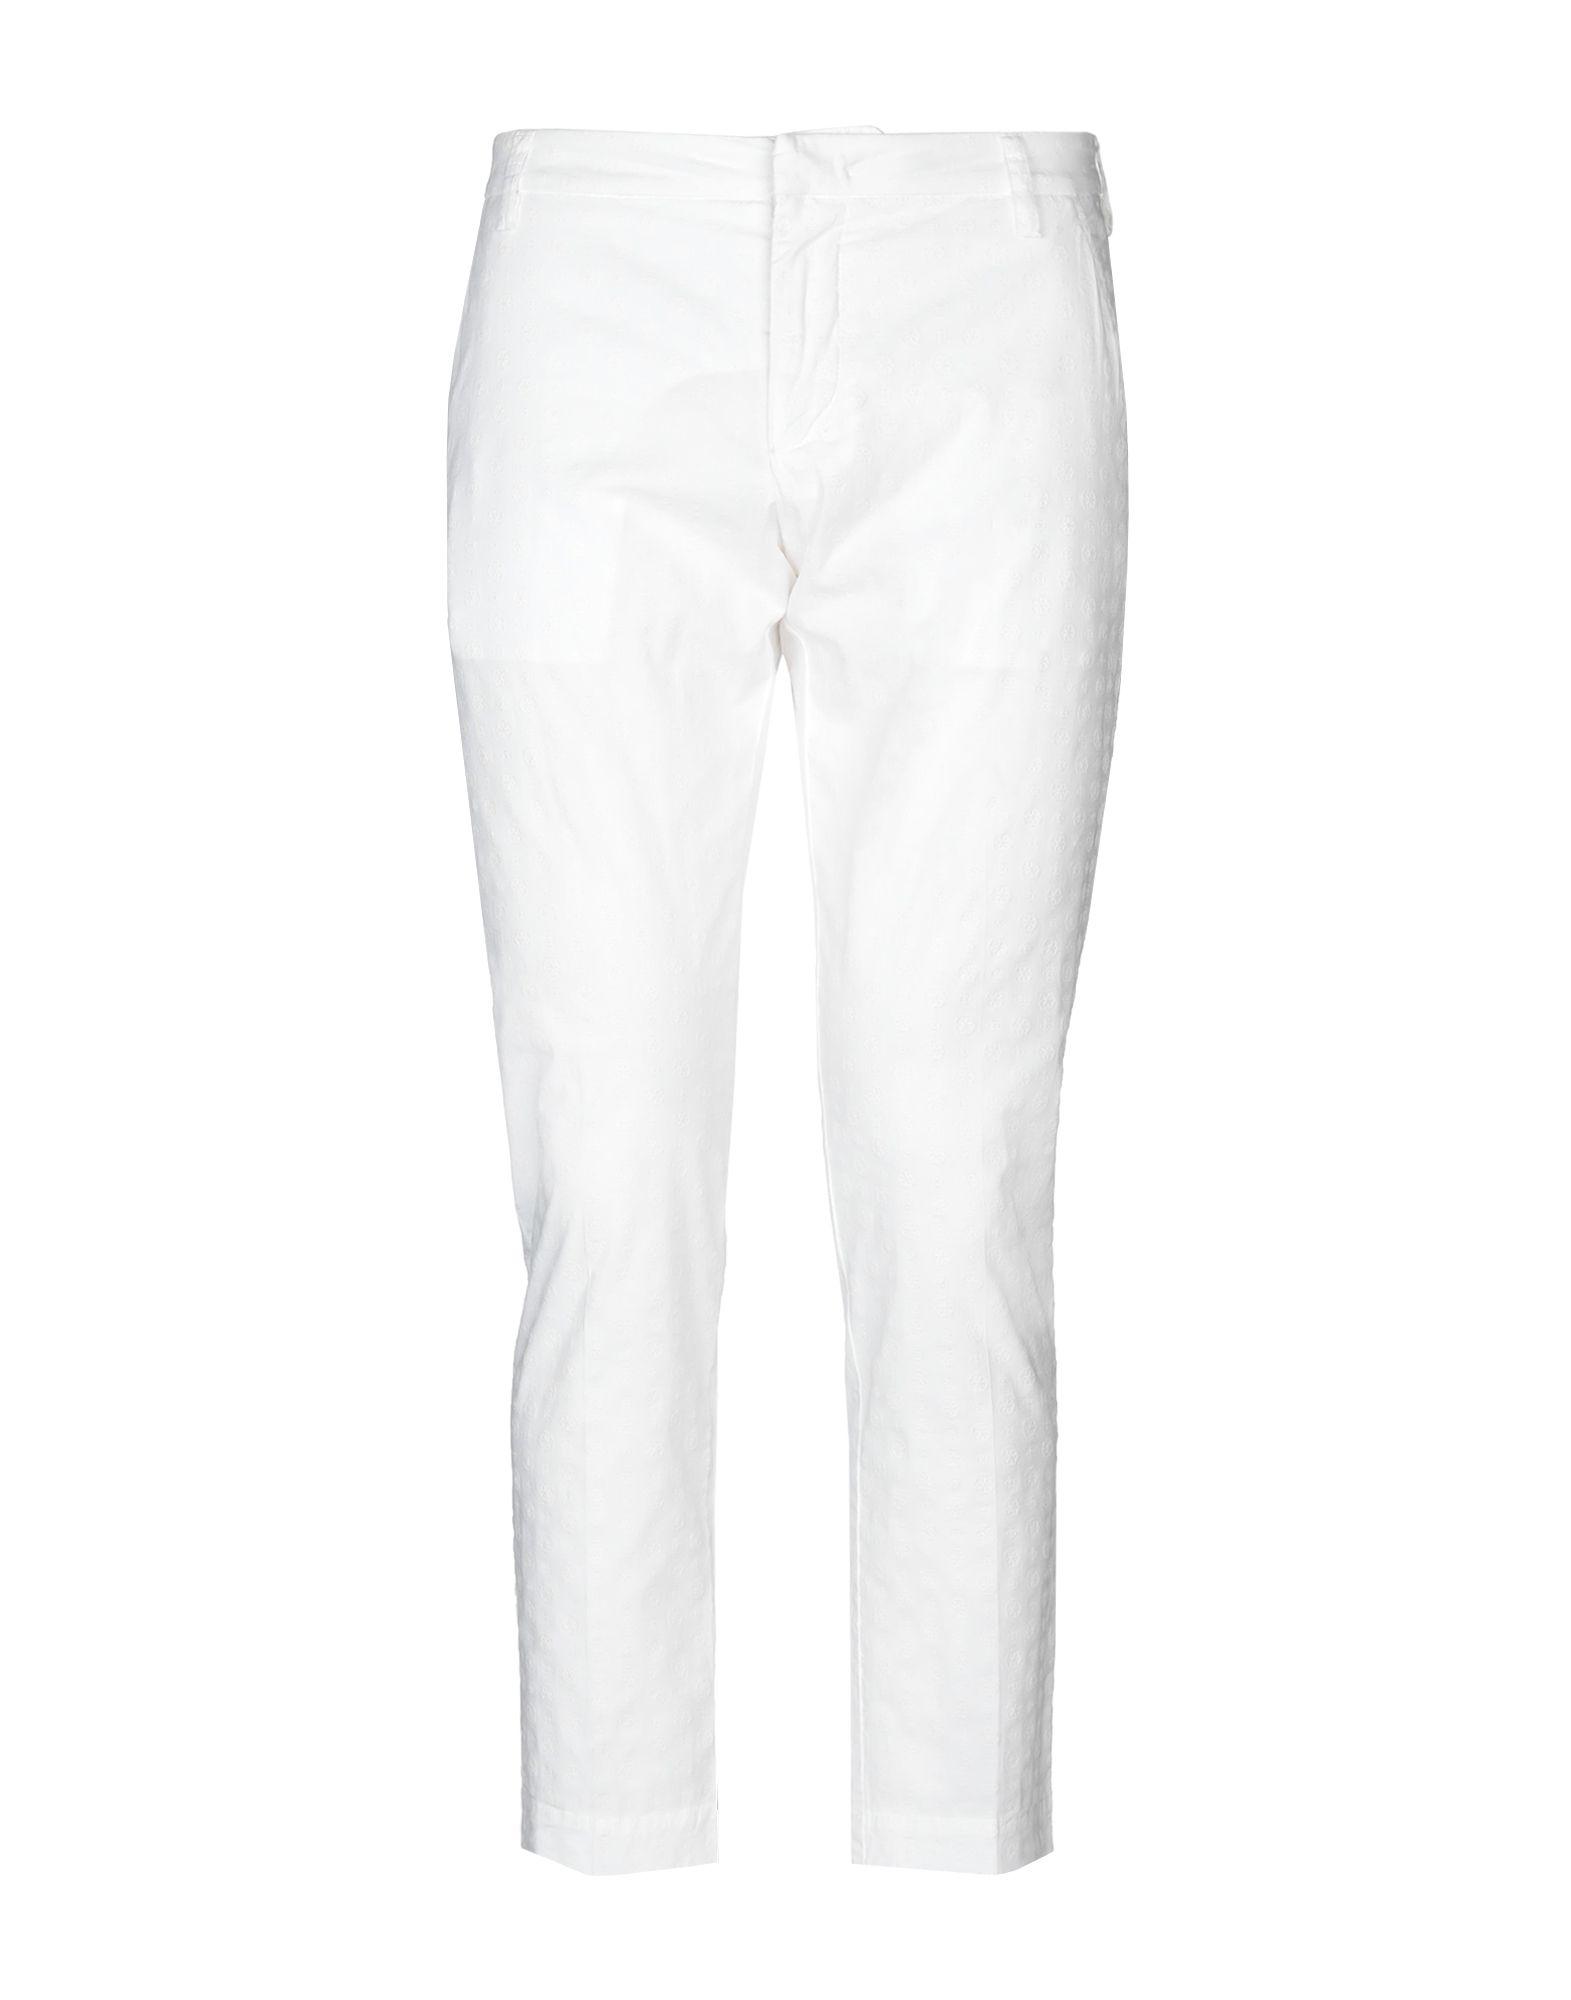 《送料無料》ENTRE AMIS メンズ パンツ ホワイト 29 コットン 100%